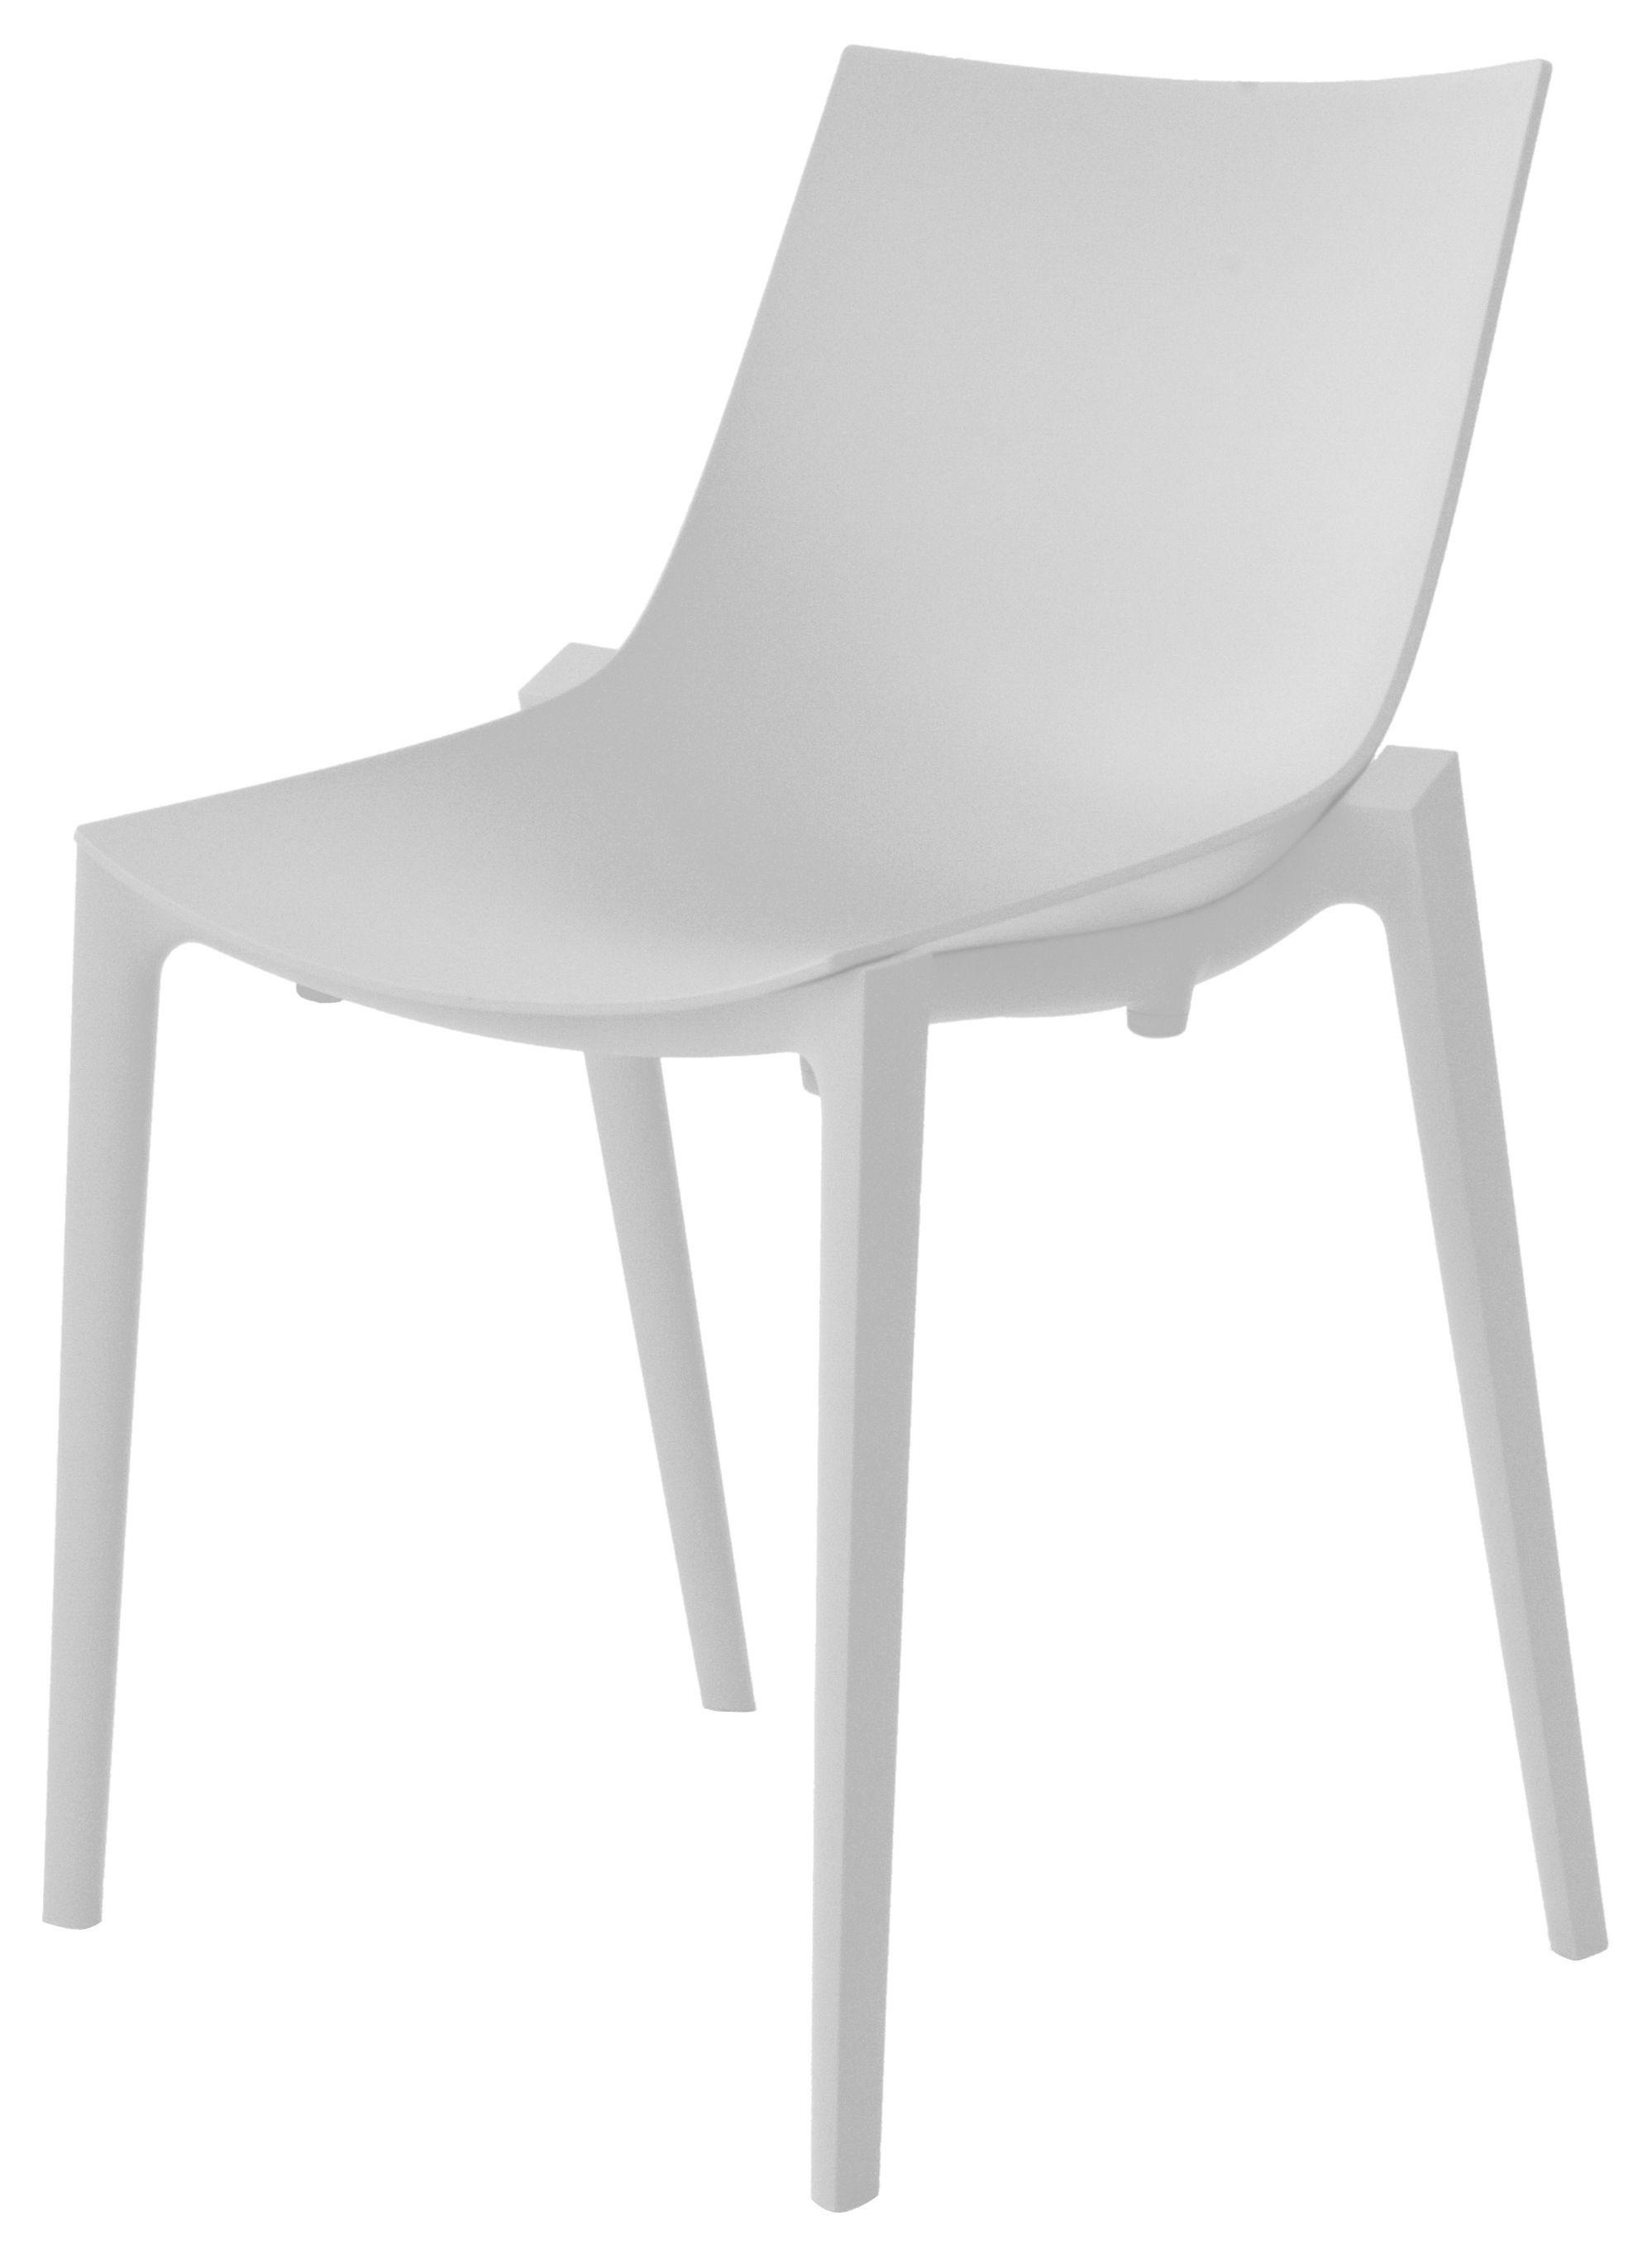 Möbel - Zartan Basic Stapelbarer Stuhl / Version aus Polypropylen - Magis - Hellgrau - verstärktes Polypropylen